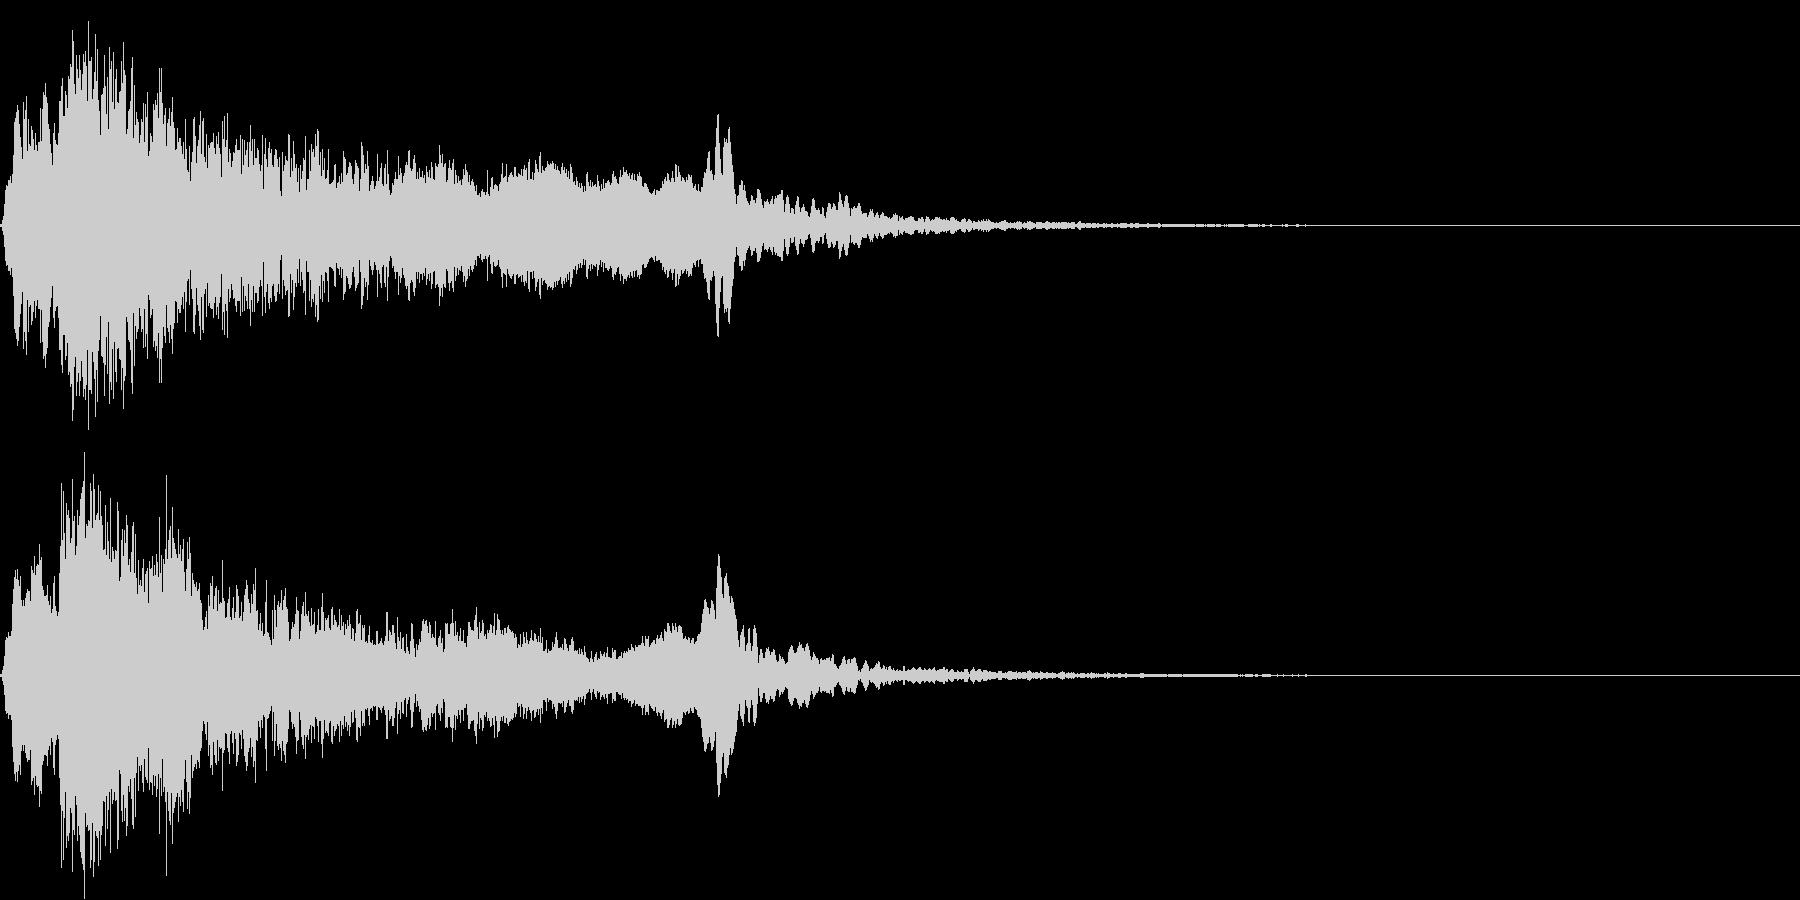 太鼓と尺八のシャキーン和風ロゴ 10の未再生の波形